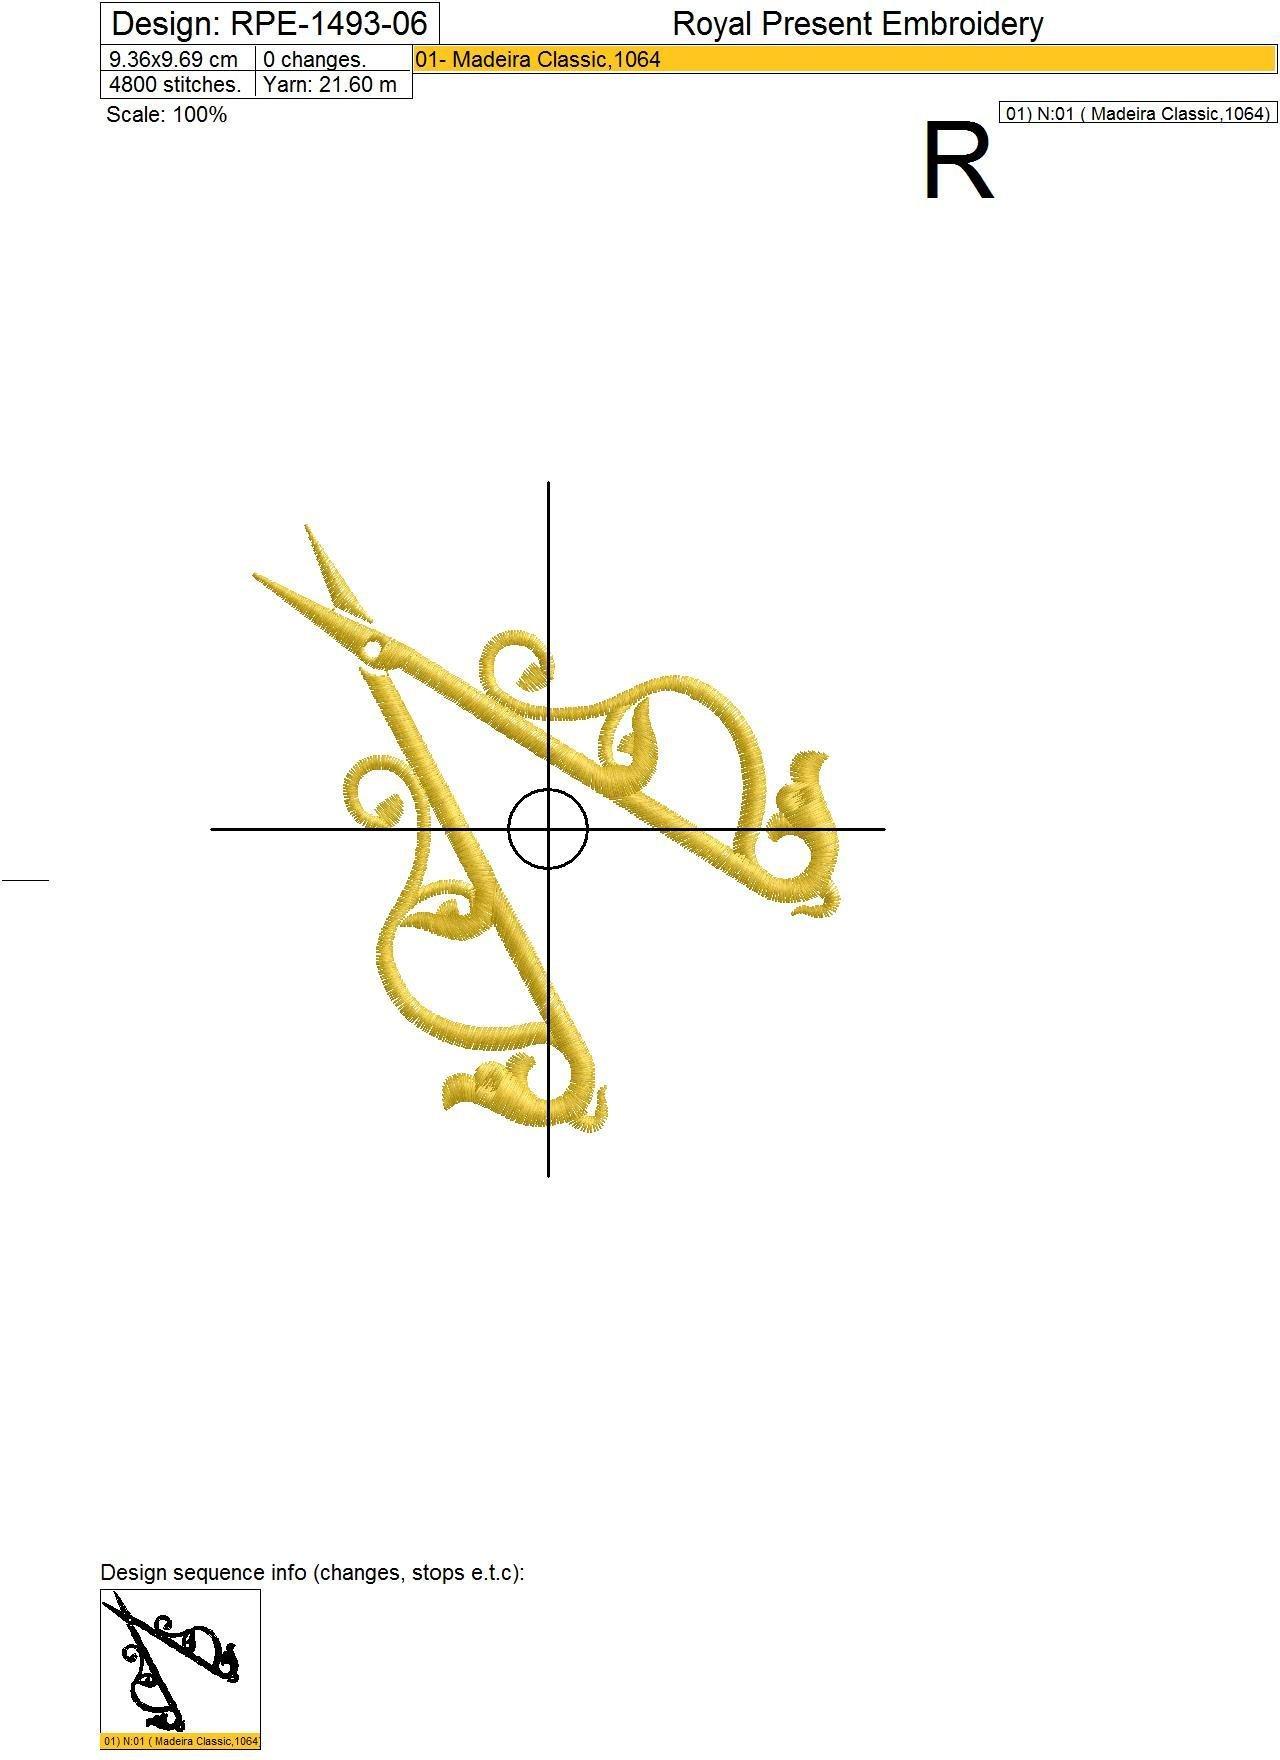 Scissors machine embroidery designs